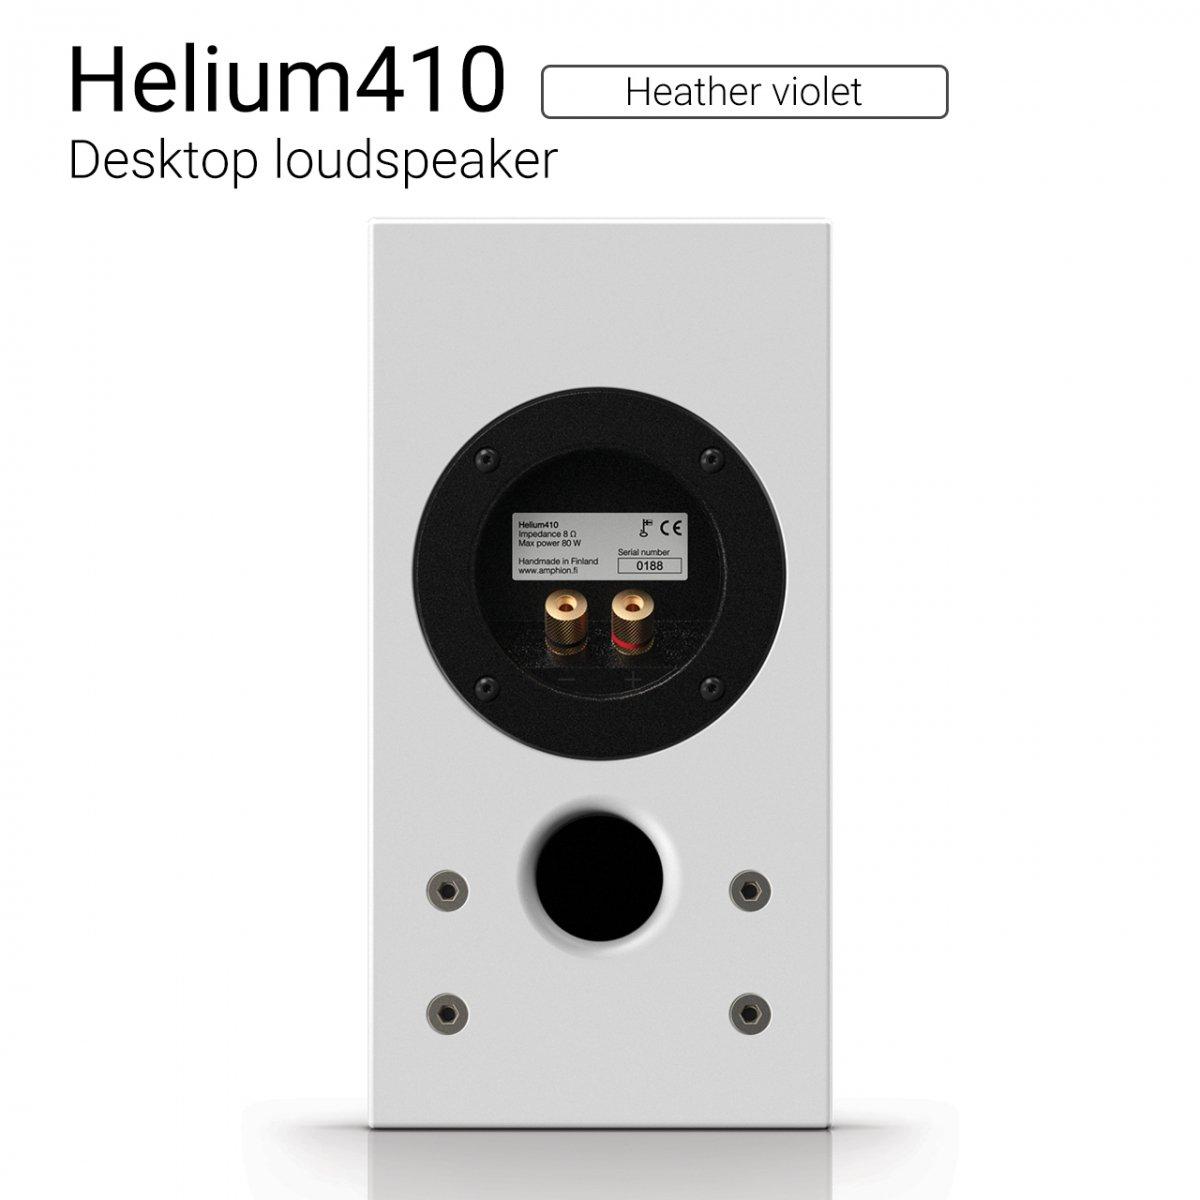 Helium410 (Heather violet) Desktop loudspeaker【ペア】